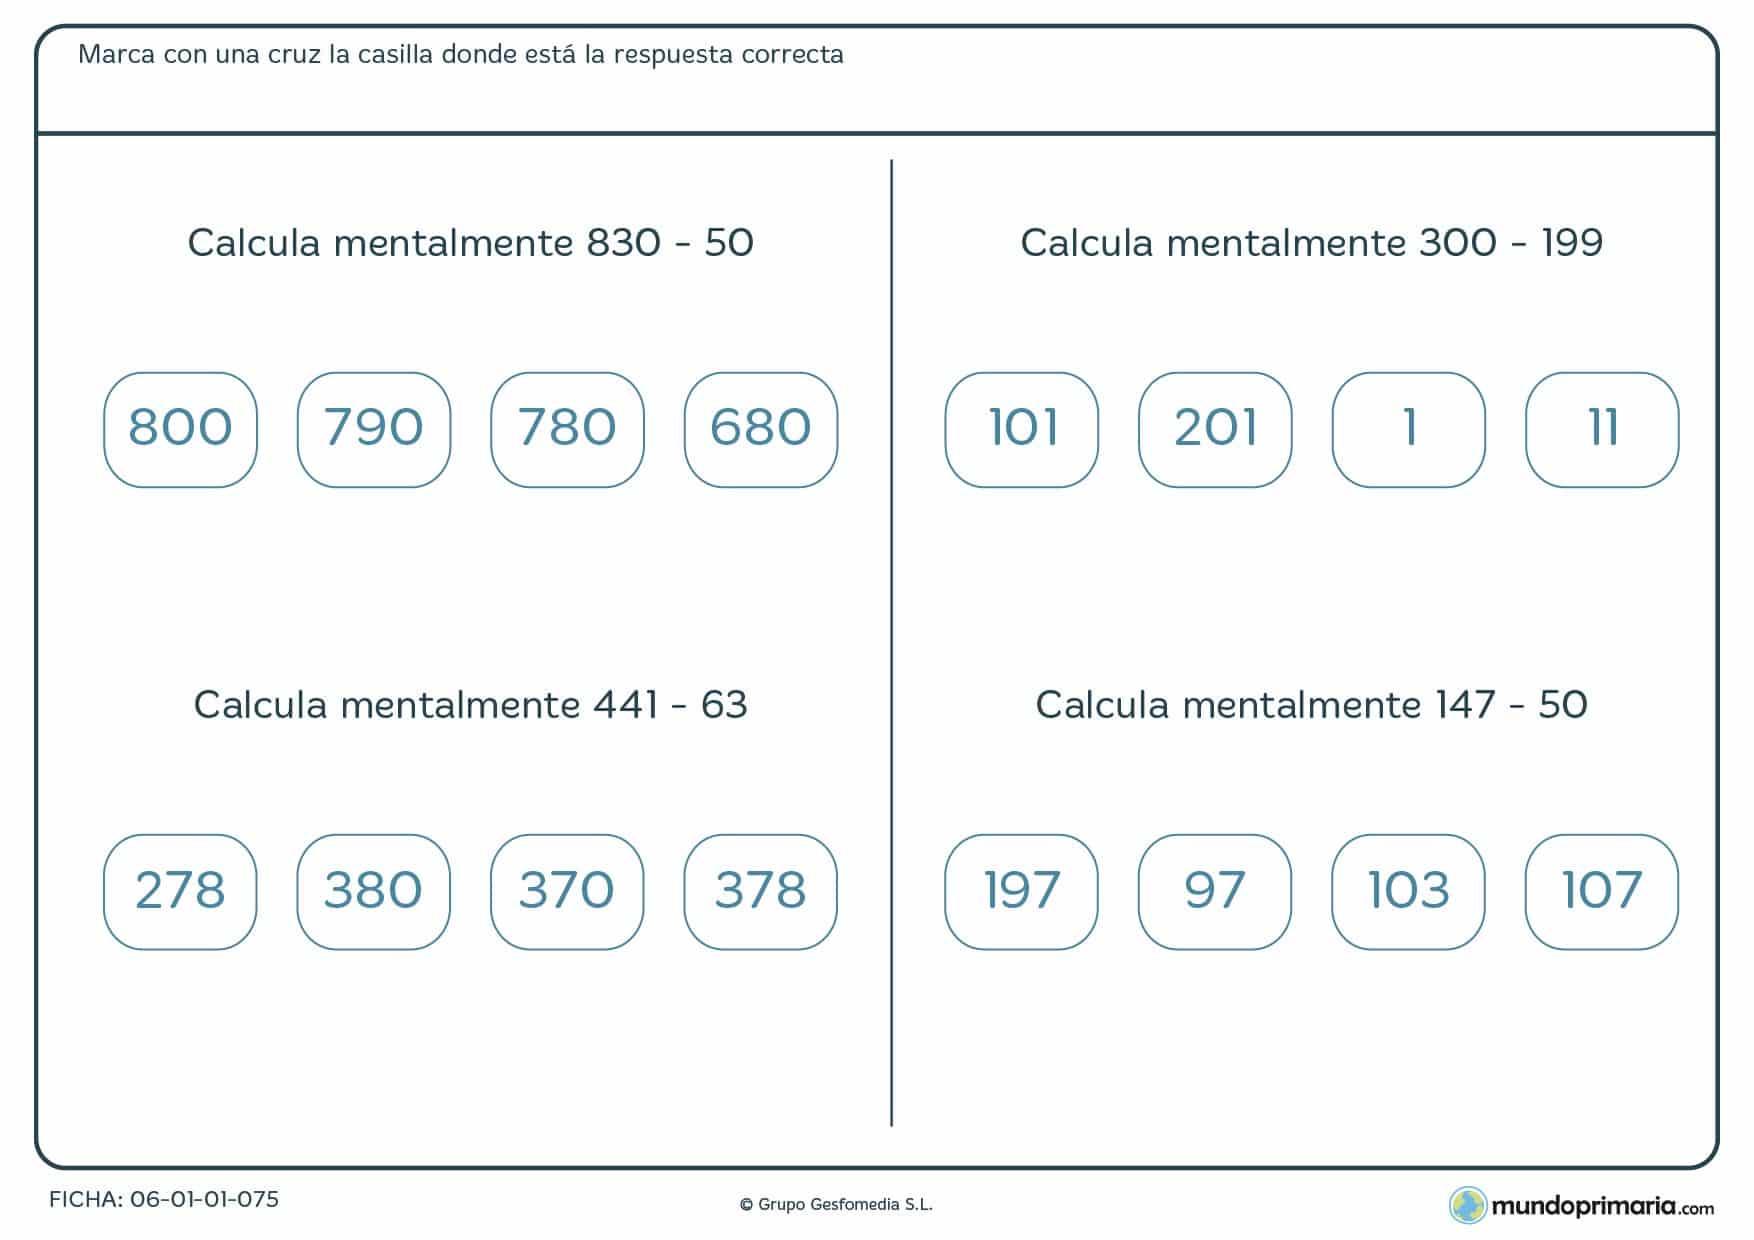 Ficha de cálculo mental de restas para alumnos de 4º de Primaria en la que mejorarán su destreza con cuatro ejercicios de restas